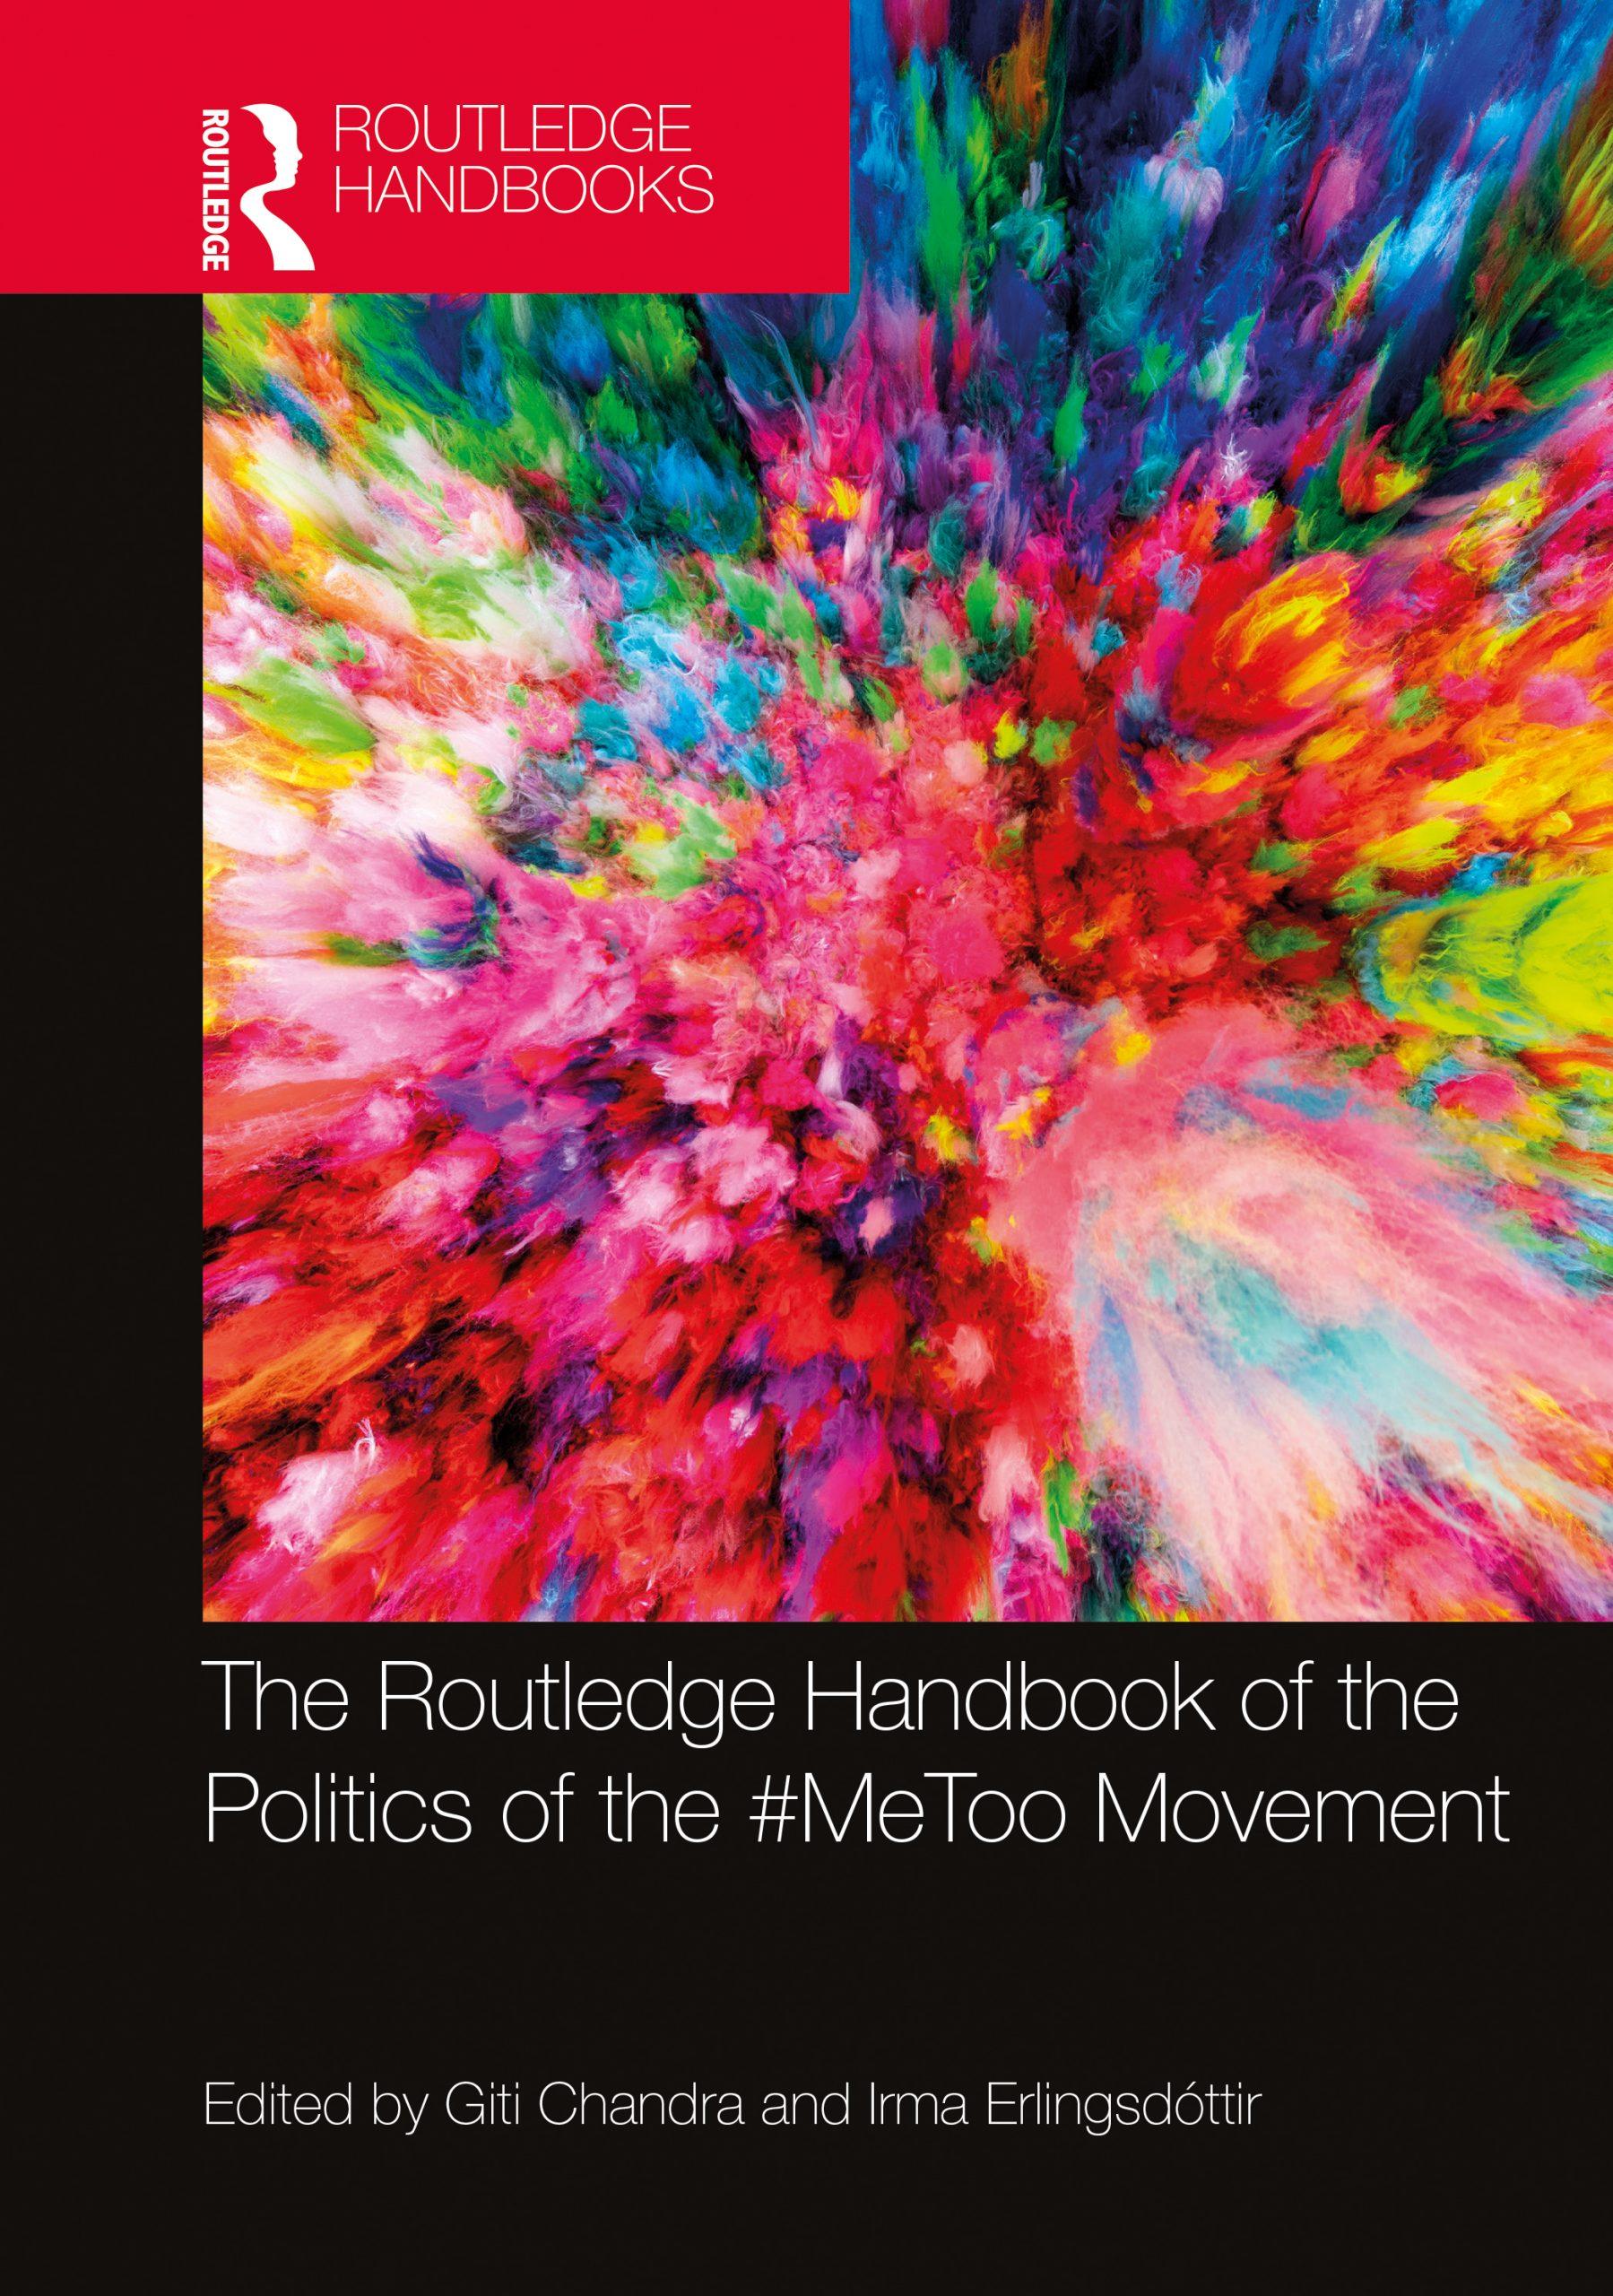 Rafræn málstofa í tilefni af útkomu bókarinnarThe Routledge Handbook on the Politics of the #MeToo Movement